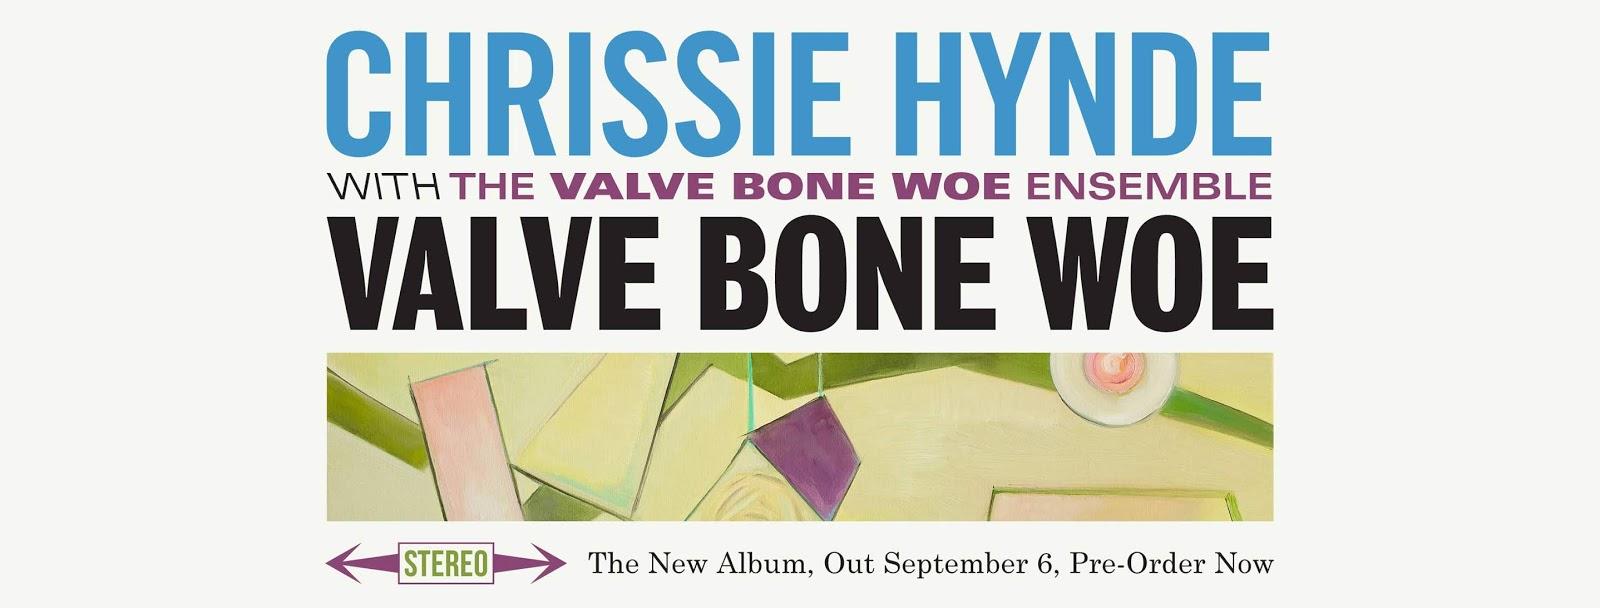 Chrissie Hynde new album